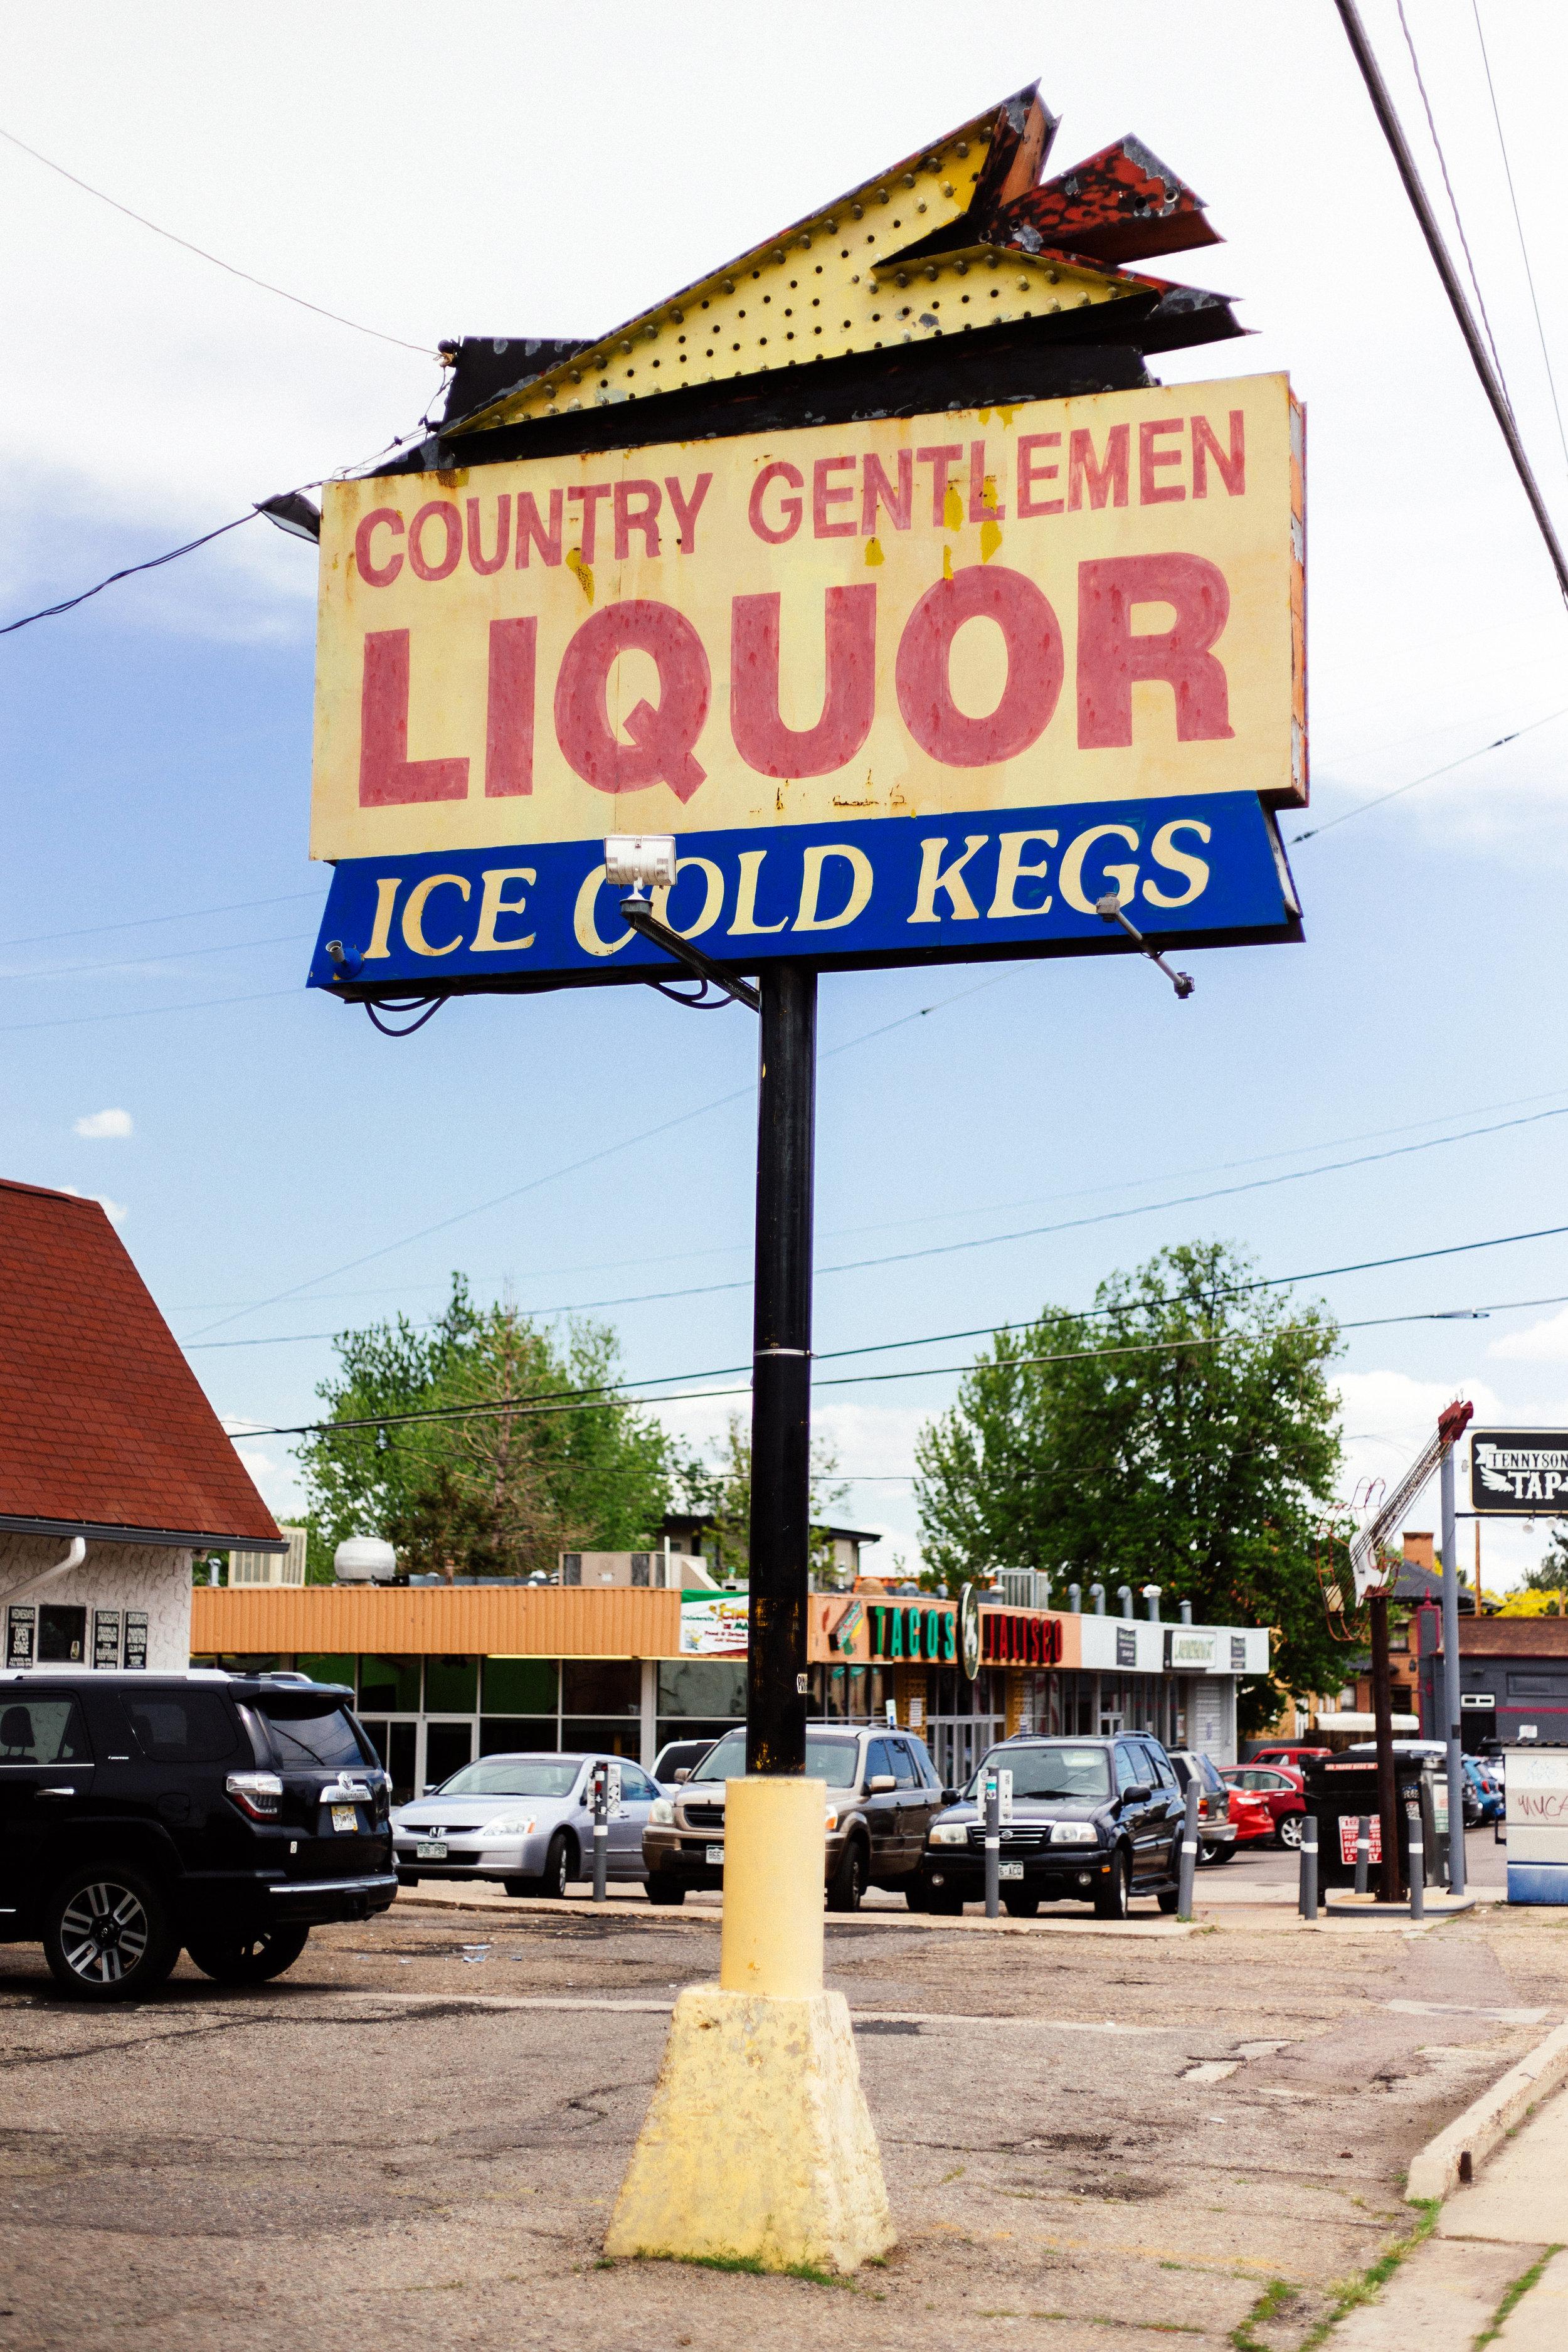 Country Gentleman Liquor edit.jpg